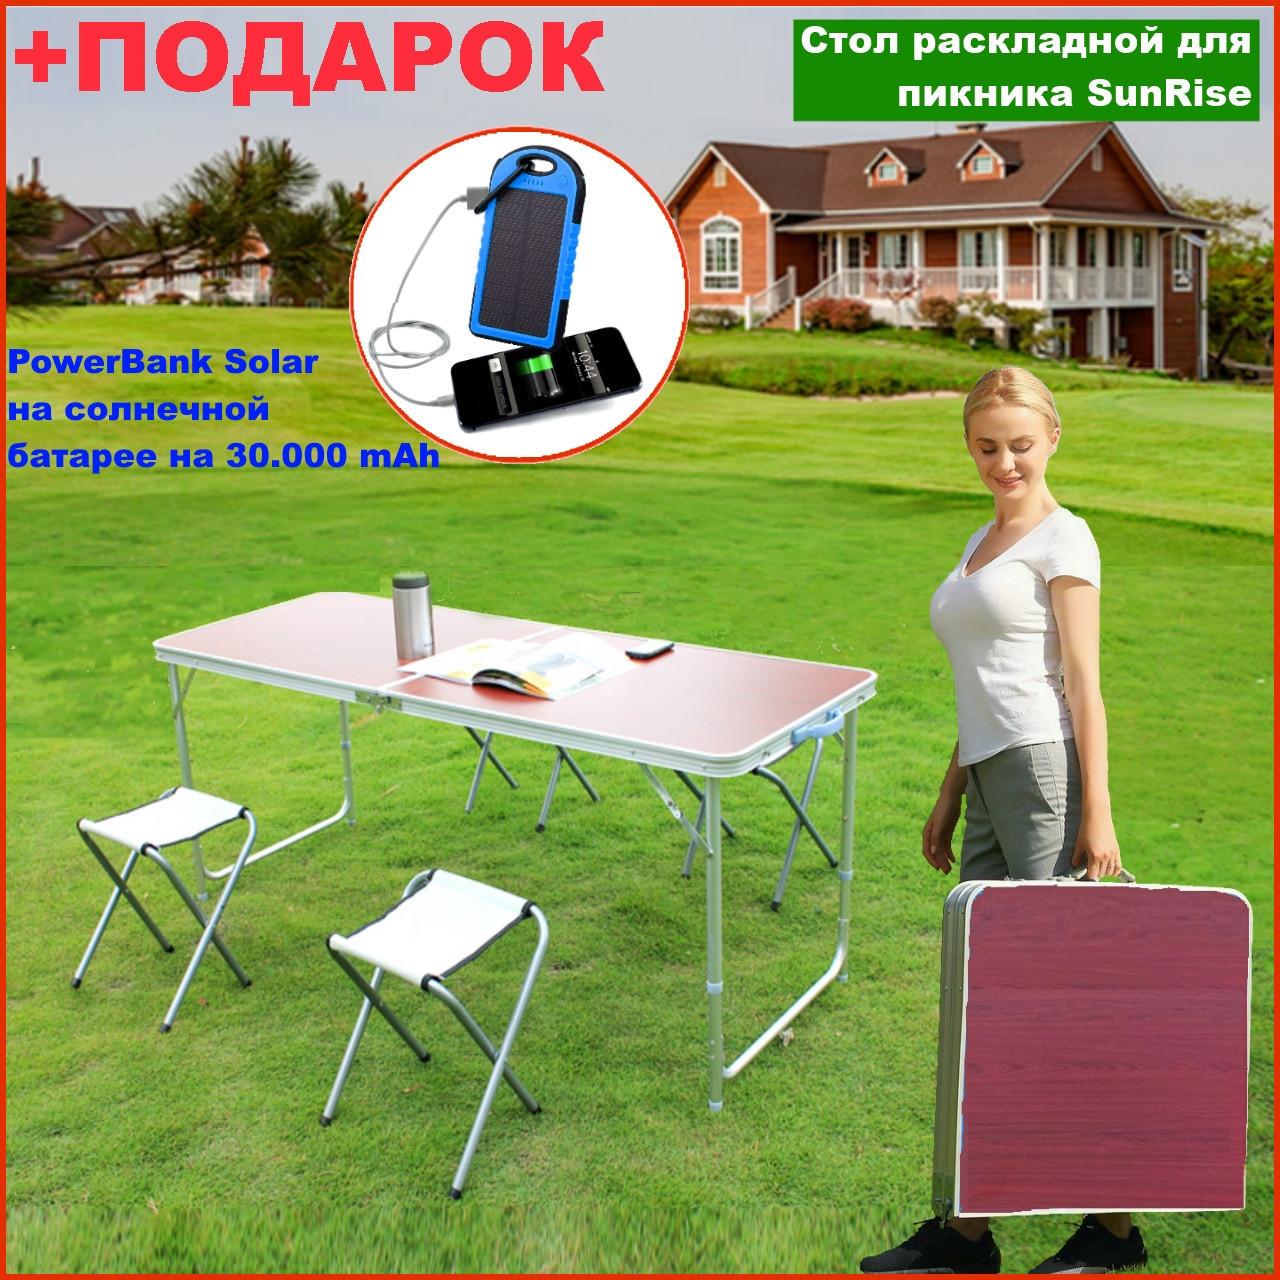 Посилений туристичний розкладний стіл SunRise для пікніка переносний з 4 стільцями валізу Folding Table